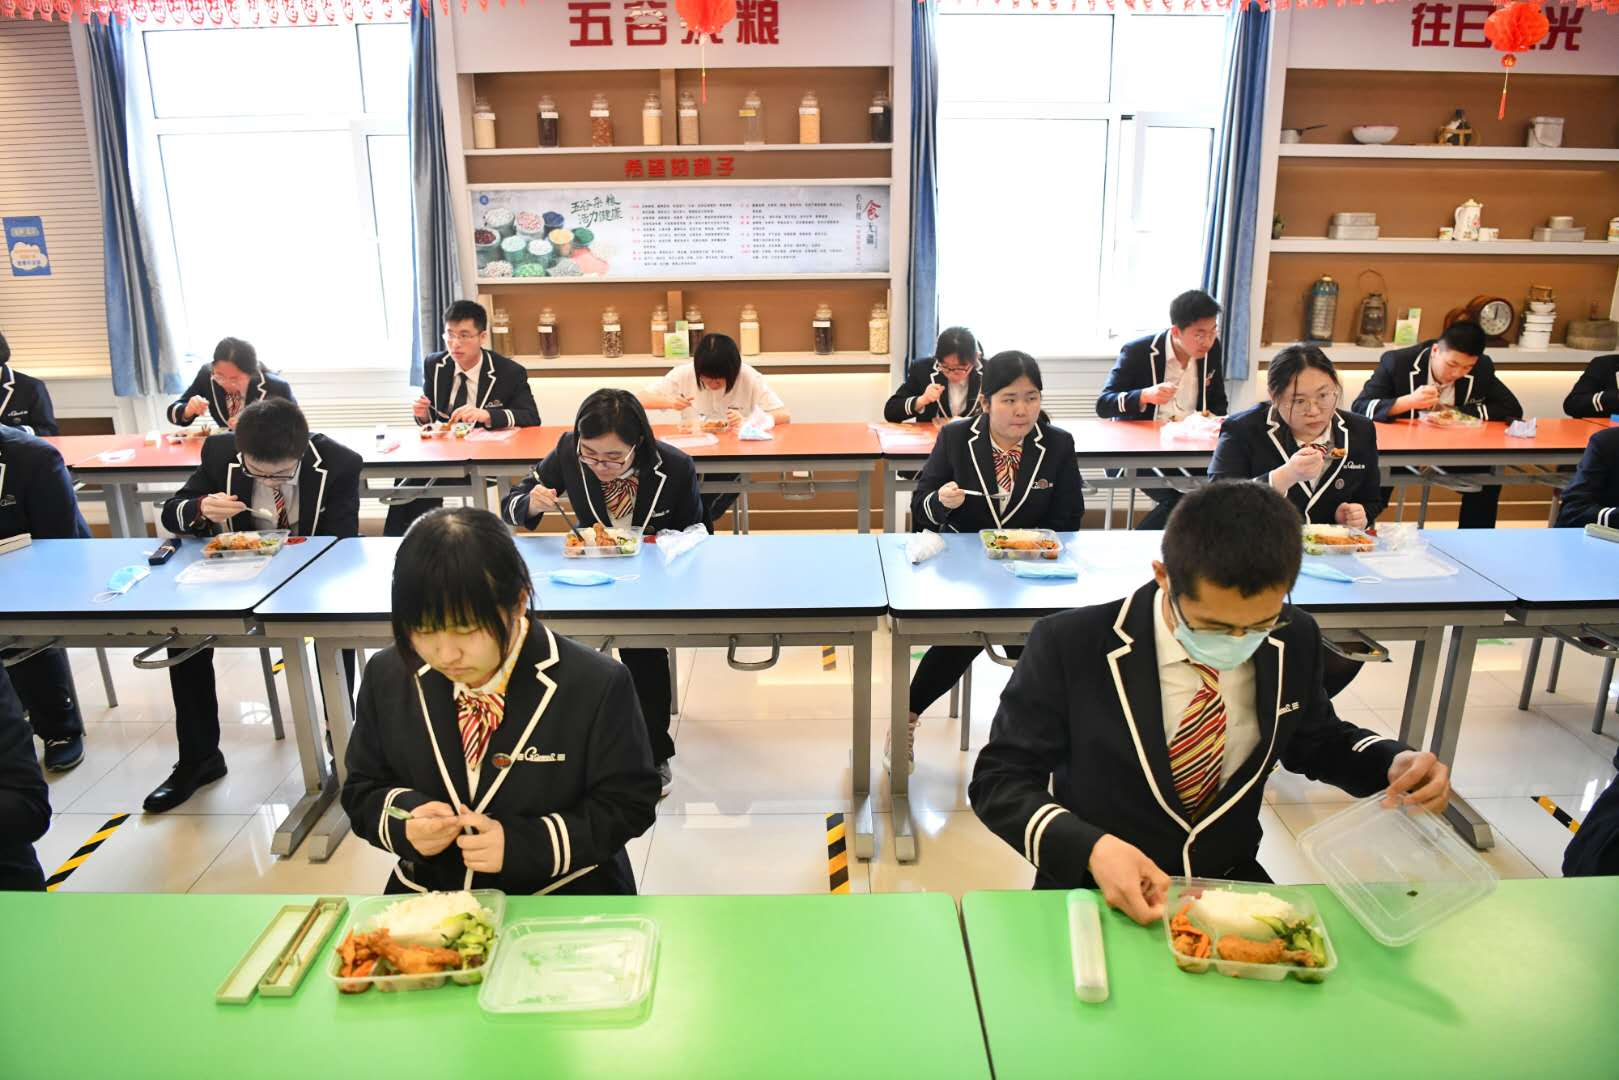 北京市教委:学校食堂不得制售冷食生食